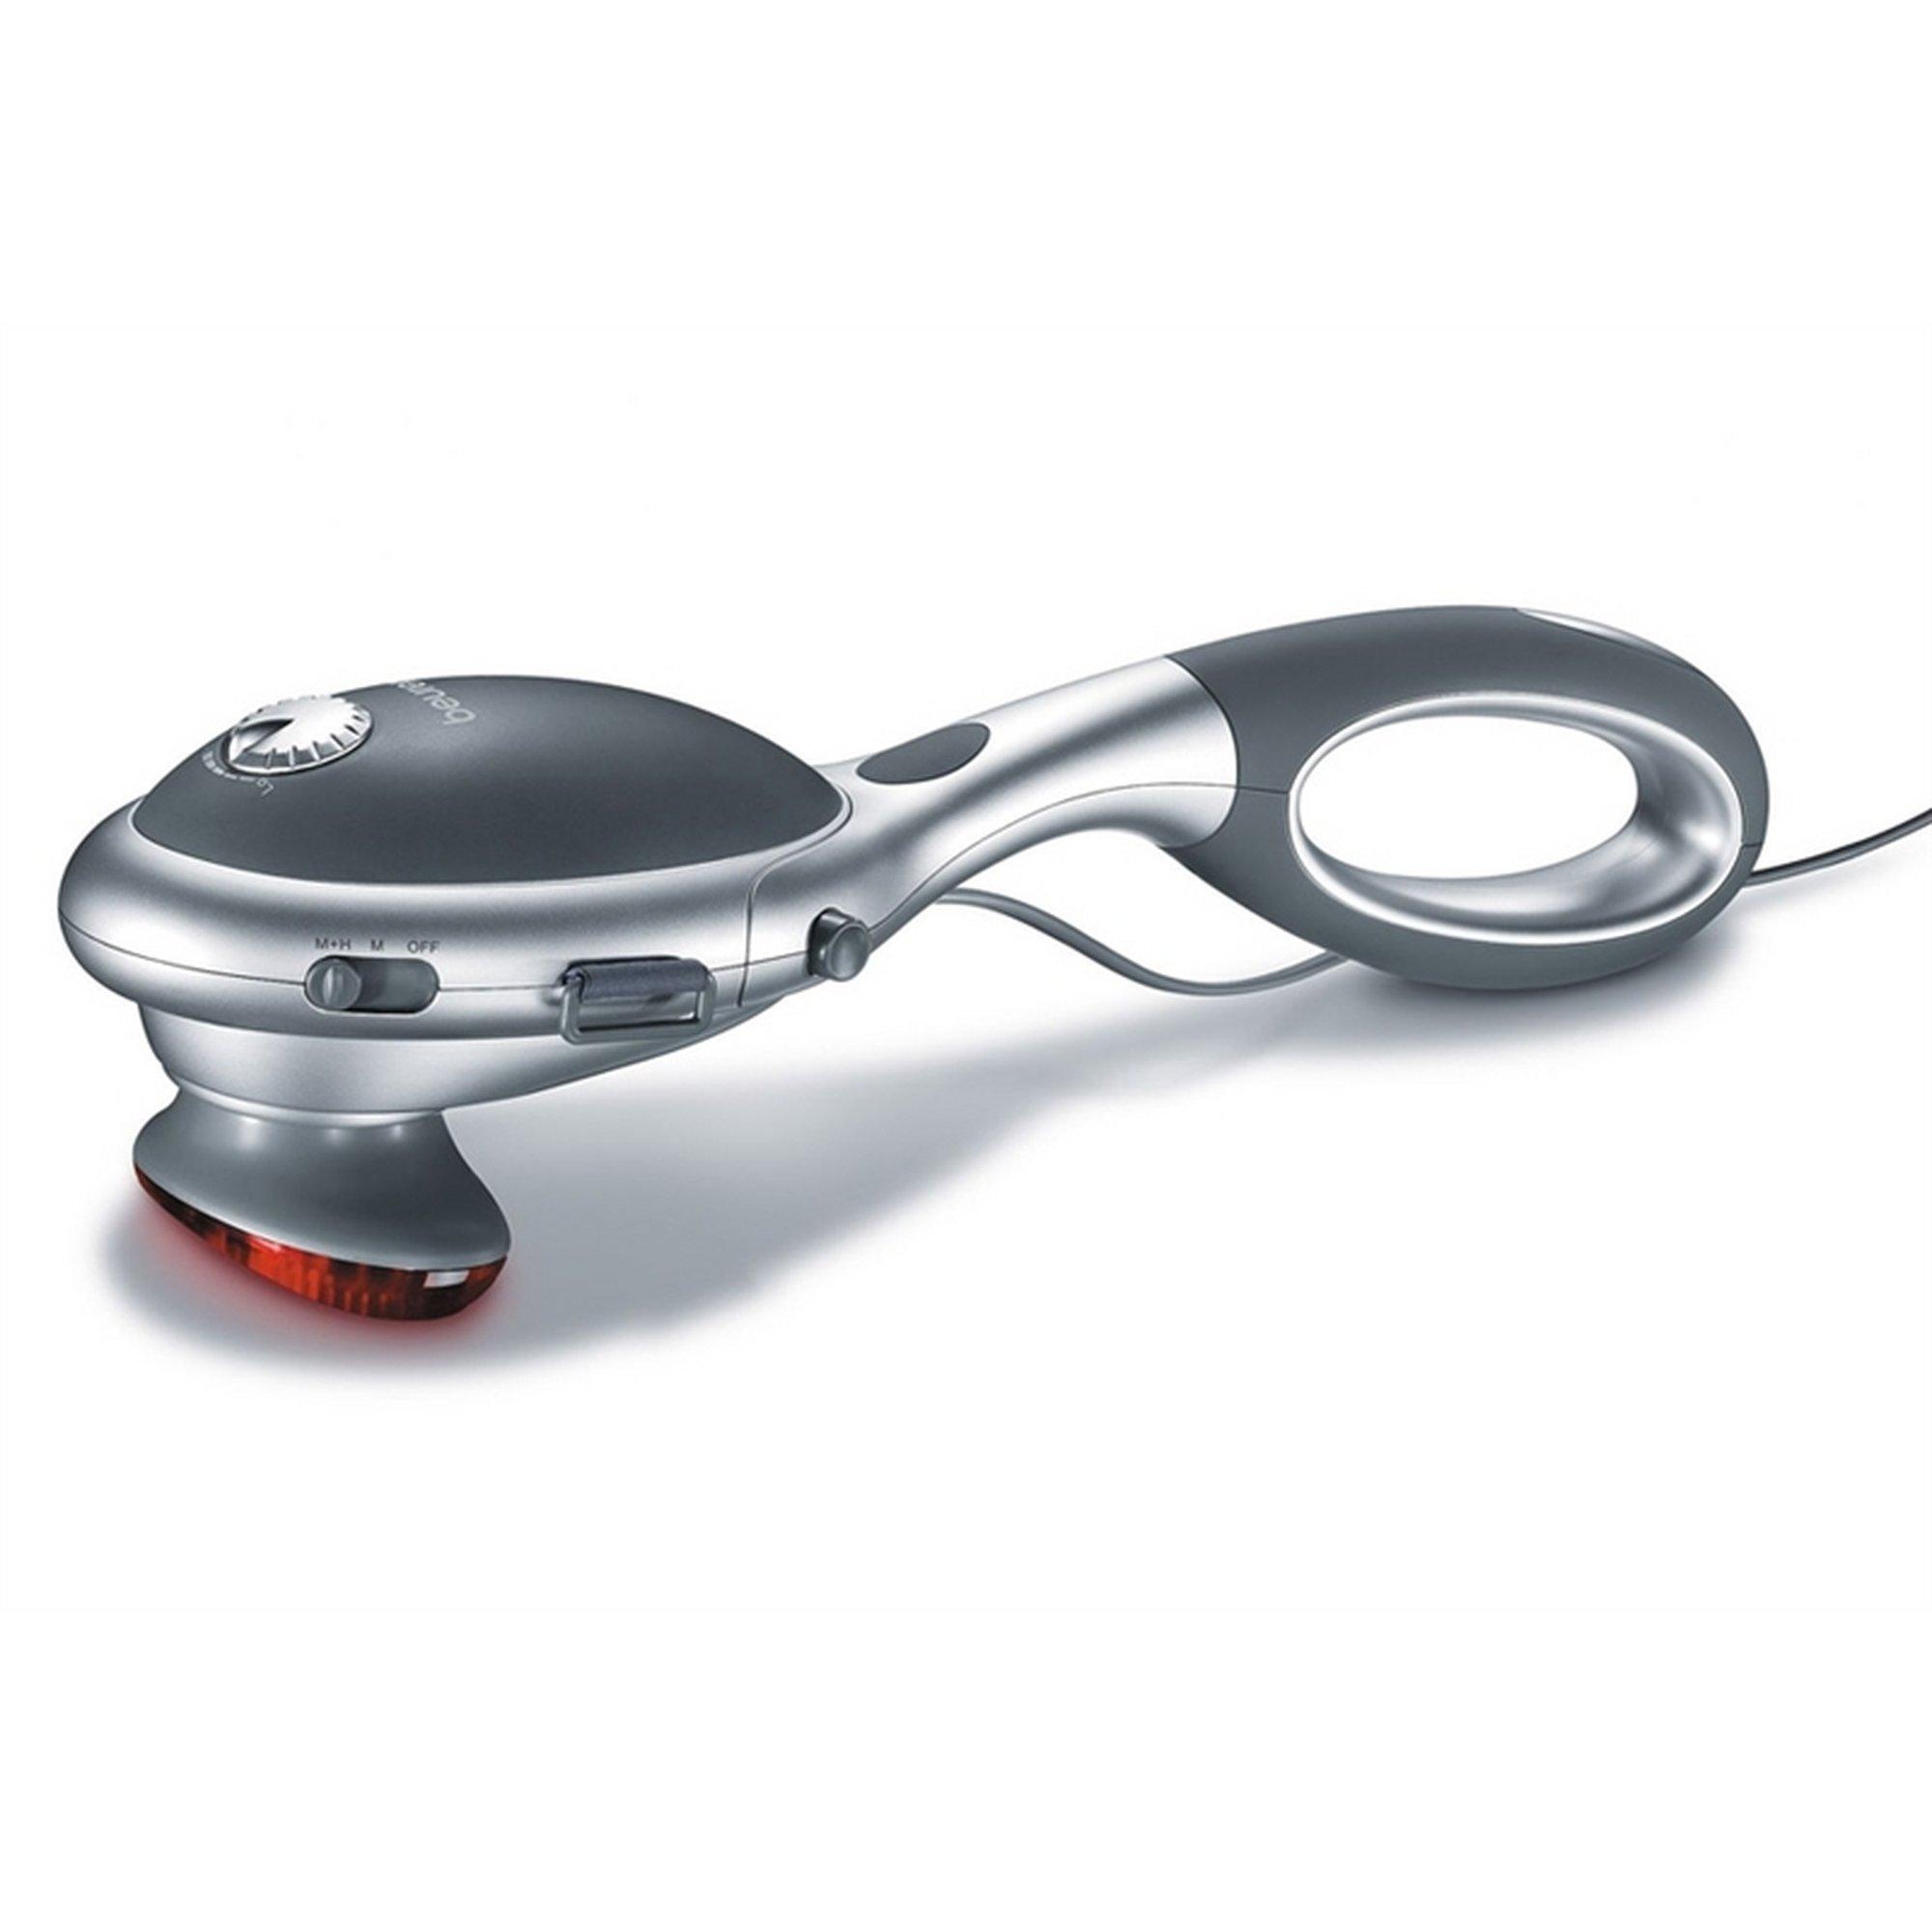 Image of Beurer Massager 22 Watt Infrared Massage Unit